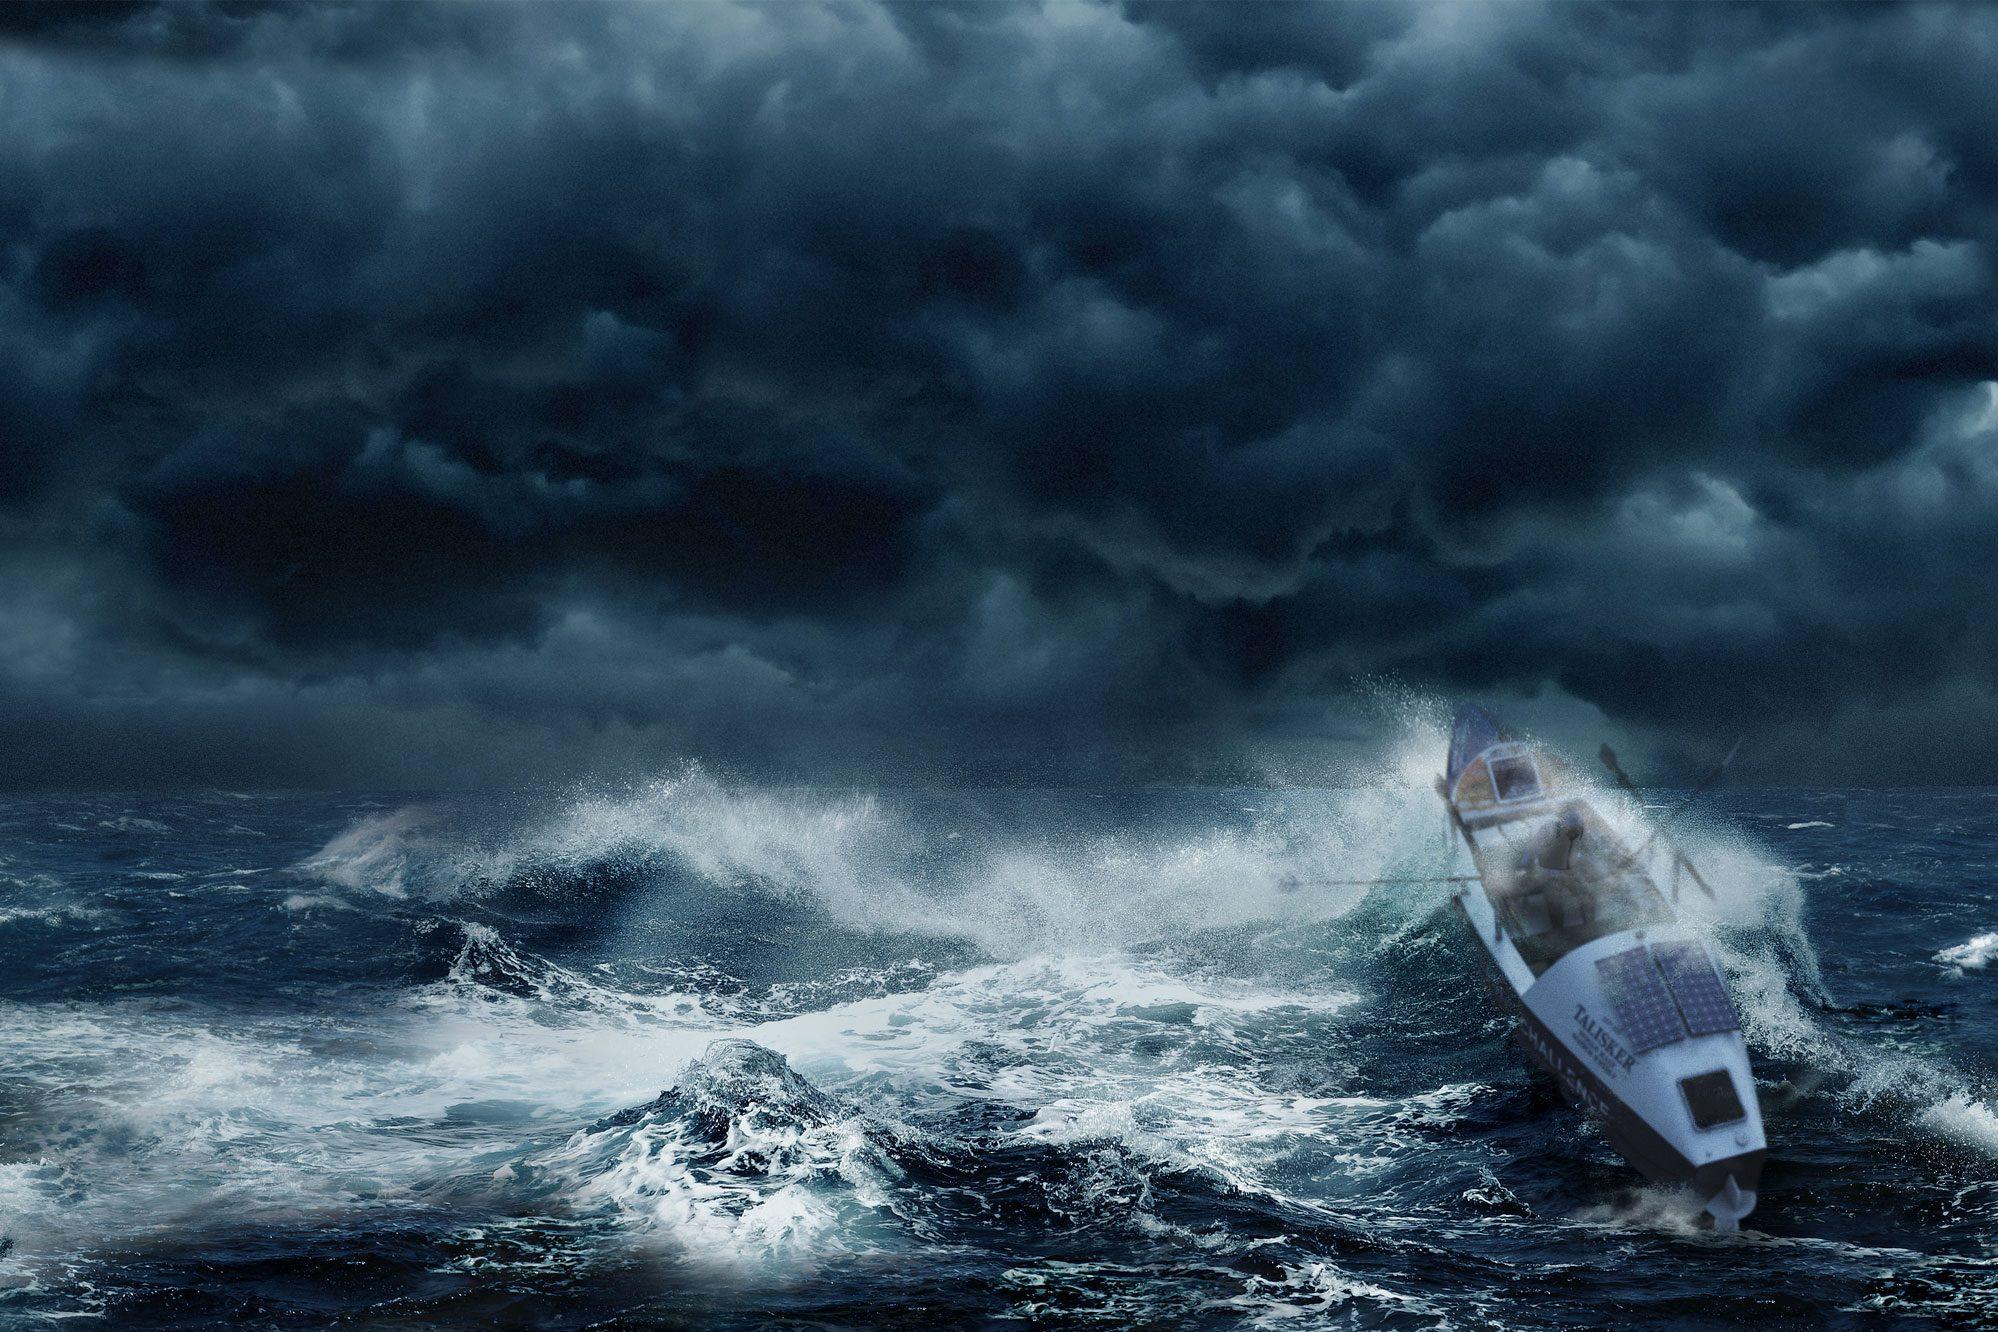 Ein Ruderboot wird von gigantischen Wellen durchs Meer geschaukelt